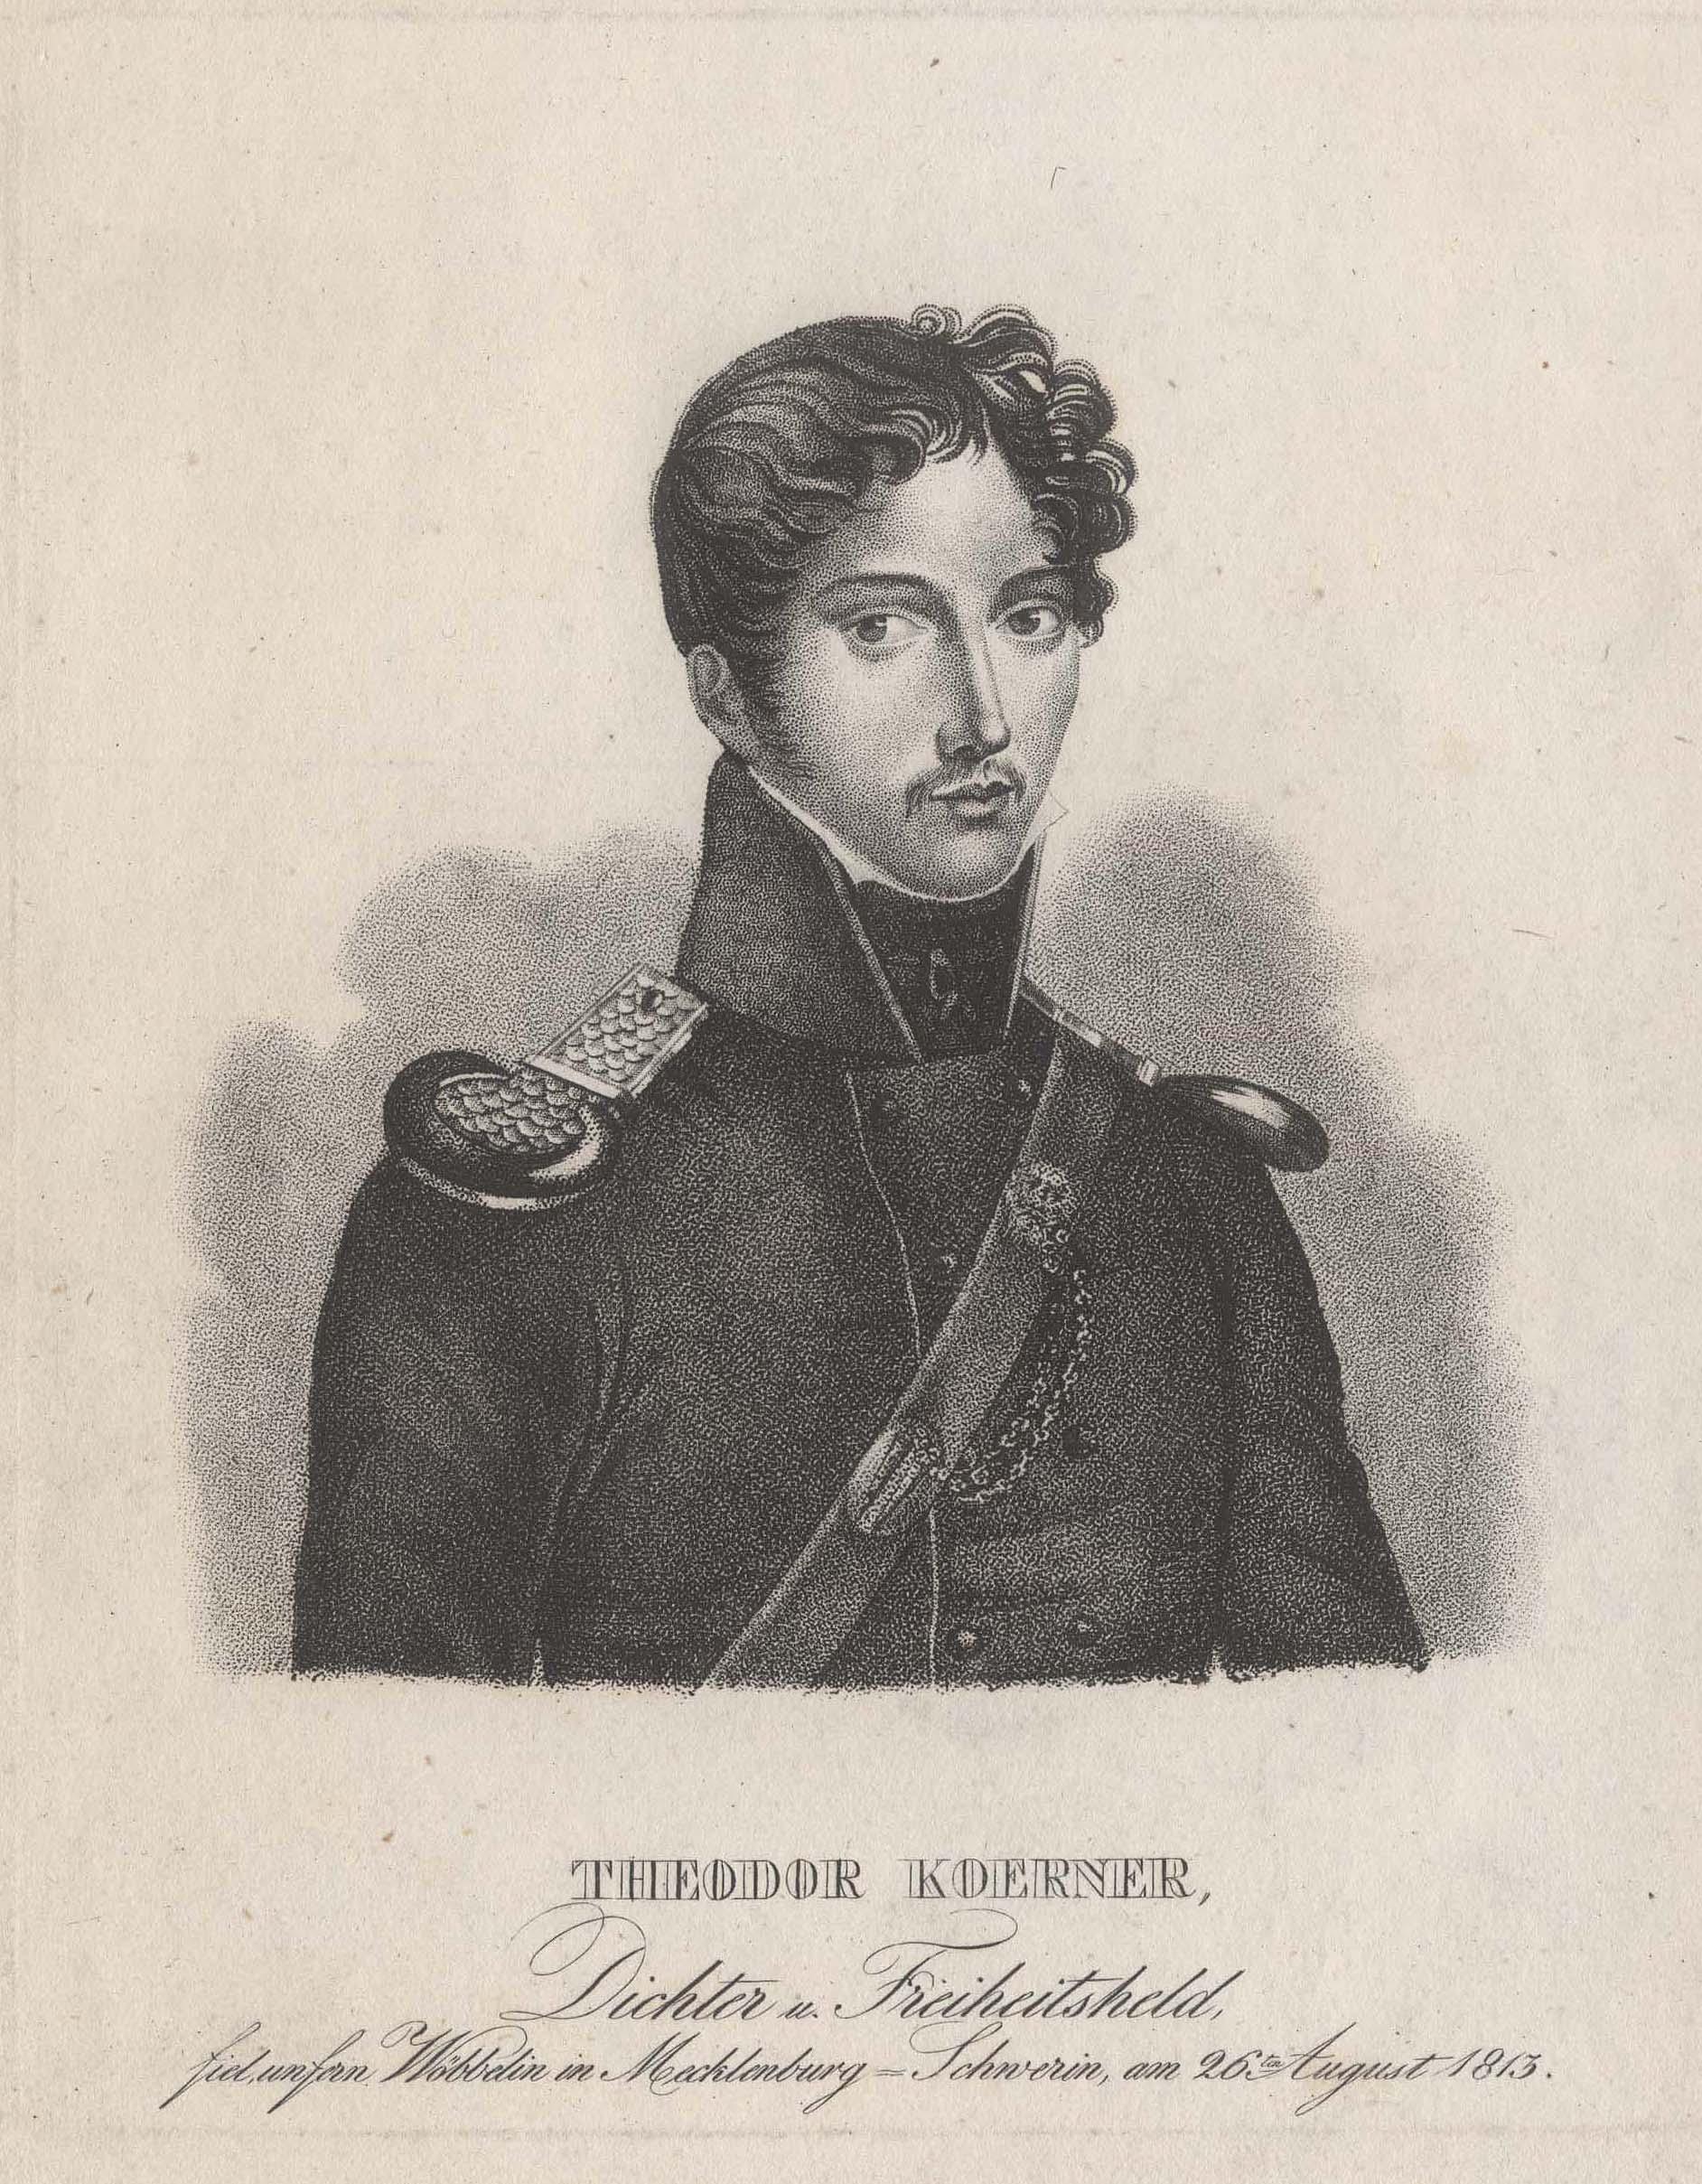 Carl Theodor Körner (Dresden 23. 09. 1791 - 26. 08. 1813 bei Gadebusch in Mecklenburg). Dichter und Dramatiker. Während sein Theaterschaffen fast völ